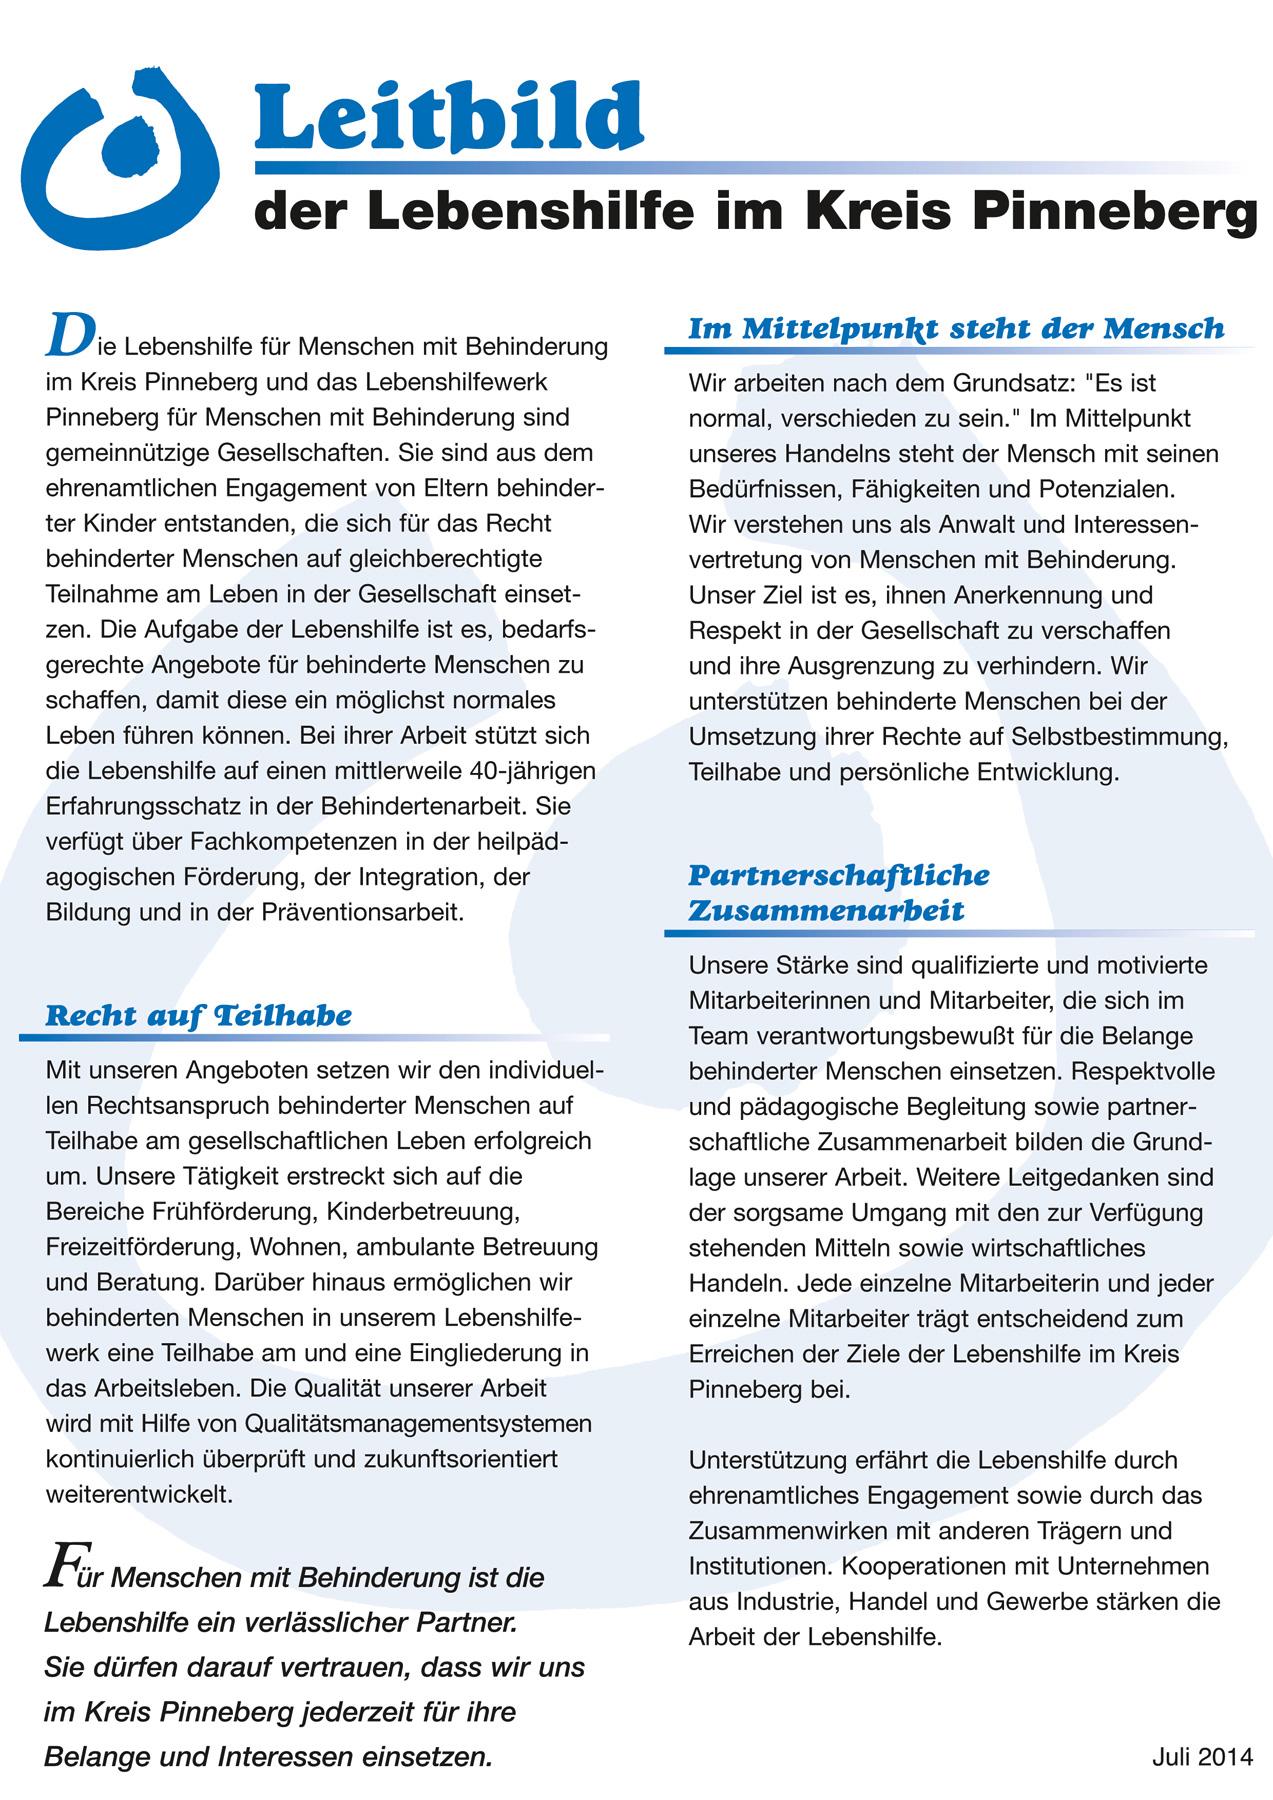 Leitbild der Lebenshilfe im Kreis Pinneberg